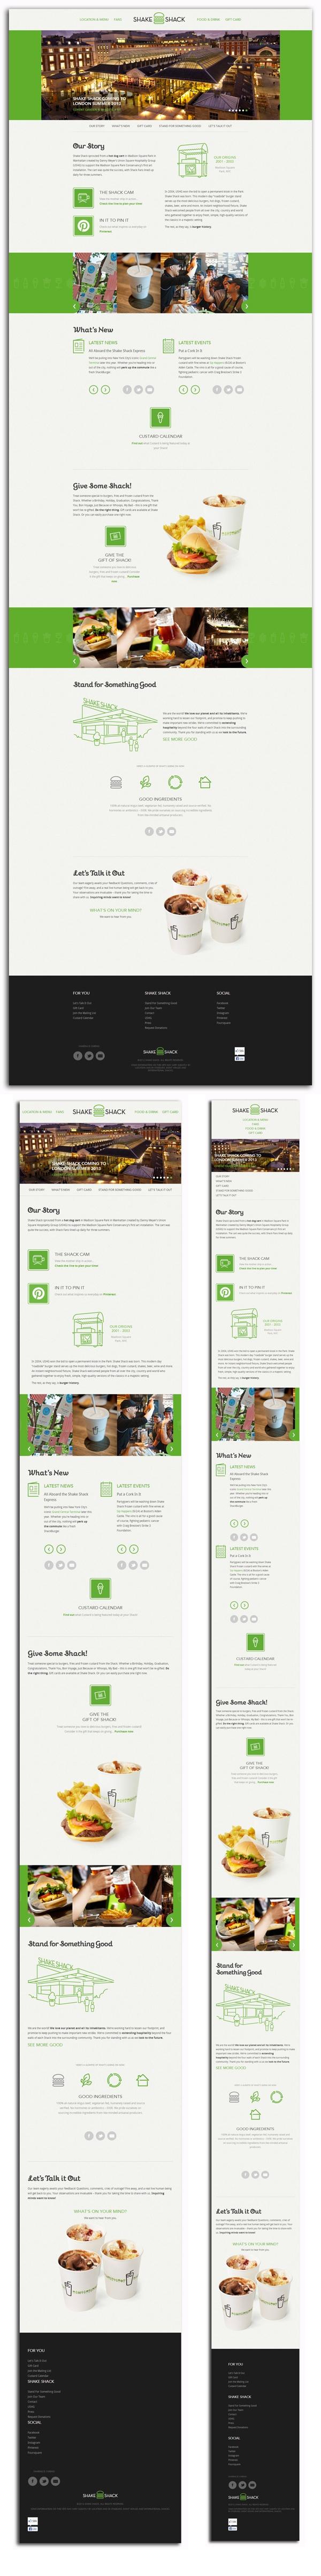 shakeshack.com Diseño: 5  Responsive: 5  Navegación: 4  Contenido: 3  Usabilidad: 3